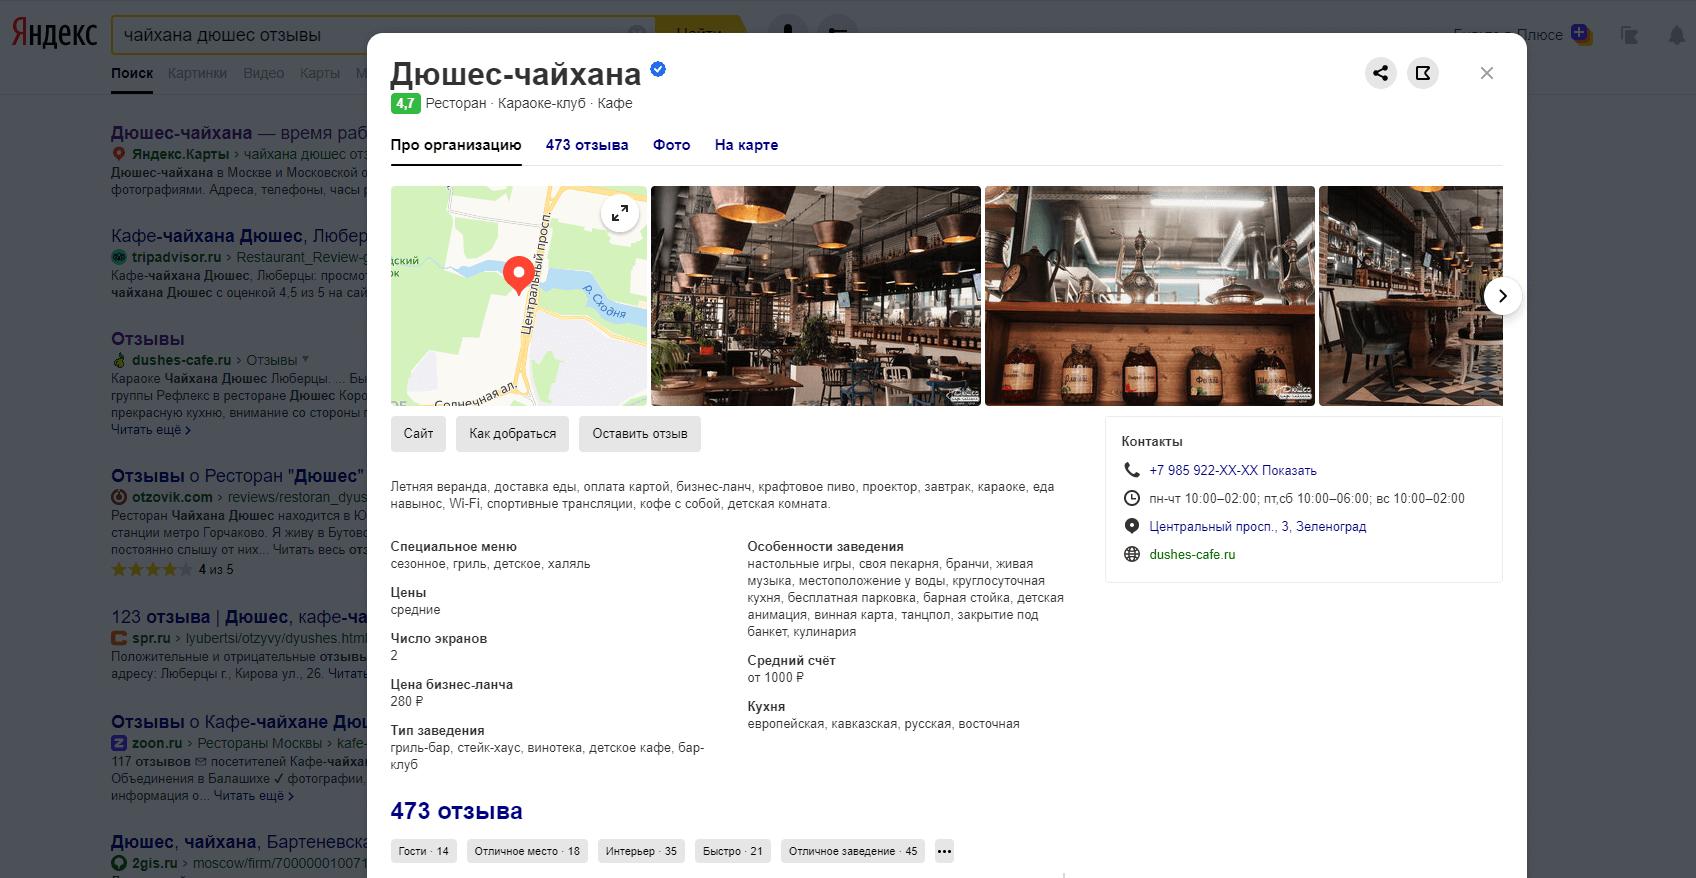 Отзывы о ресторанах и кафе